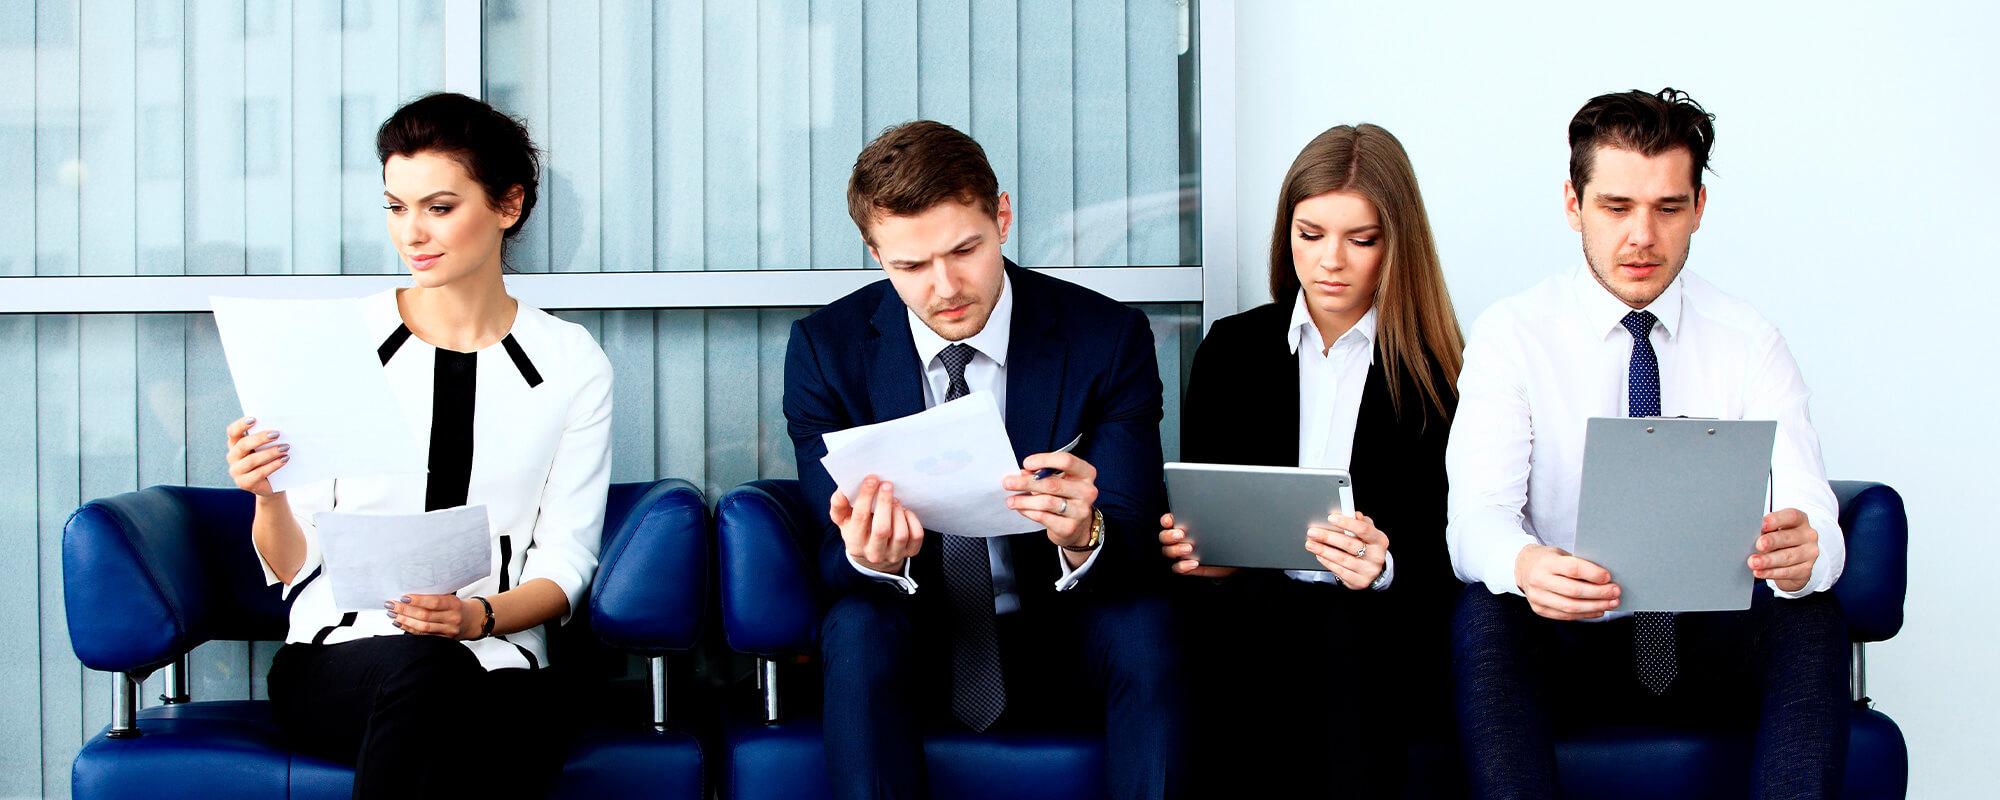 preguntas clave en una entrevista laboral